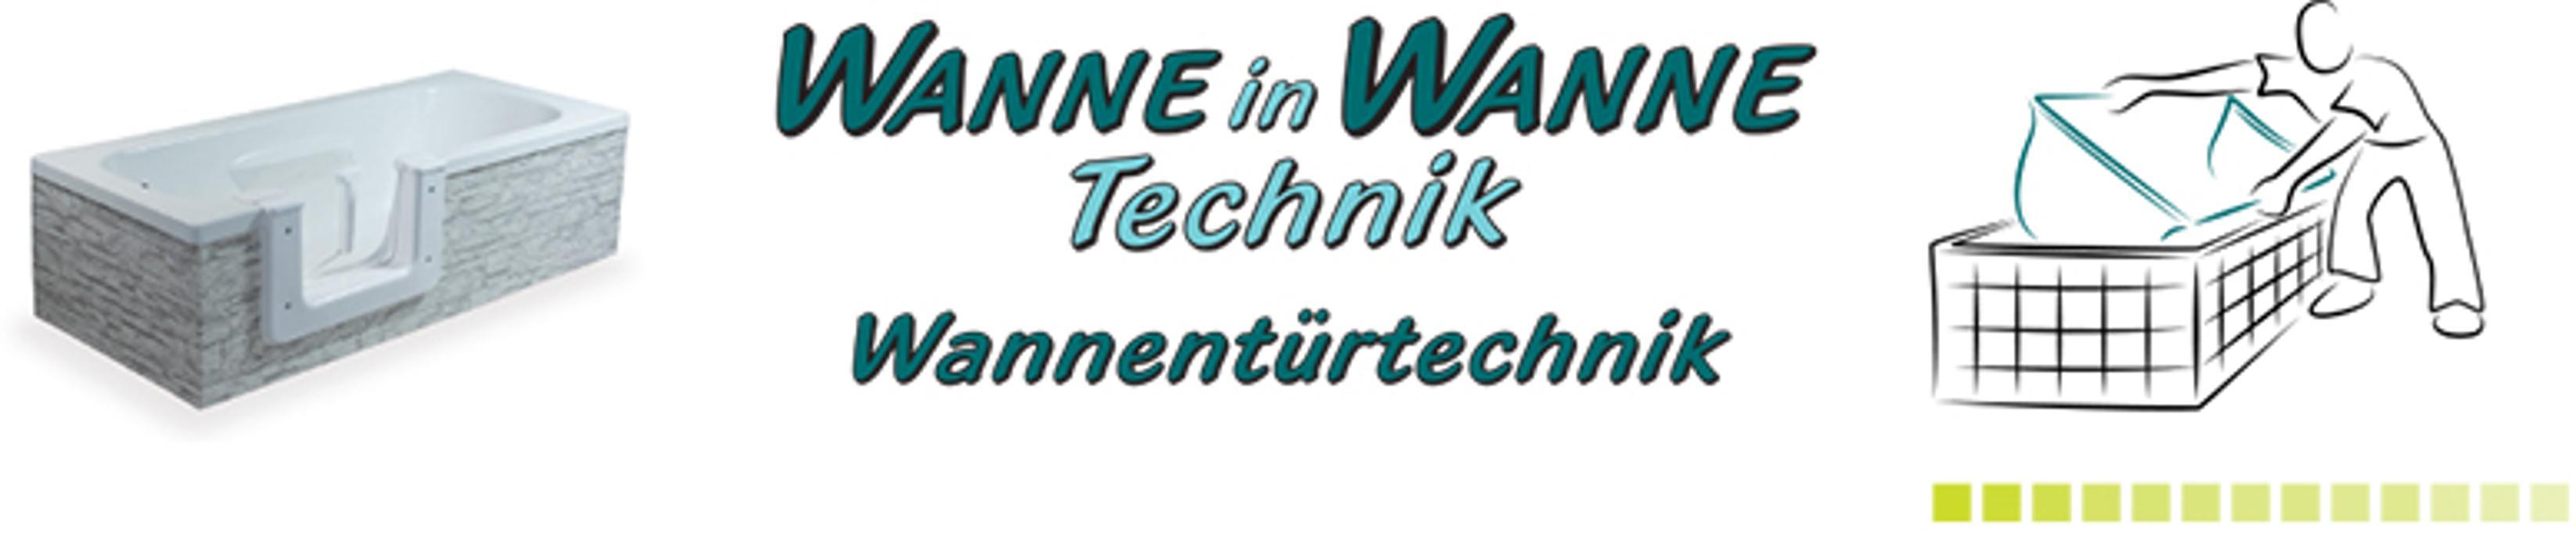 Bild zu Wanne in Wanne Technik Wannentürtechnik in Germering